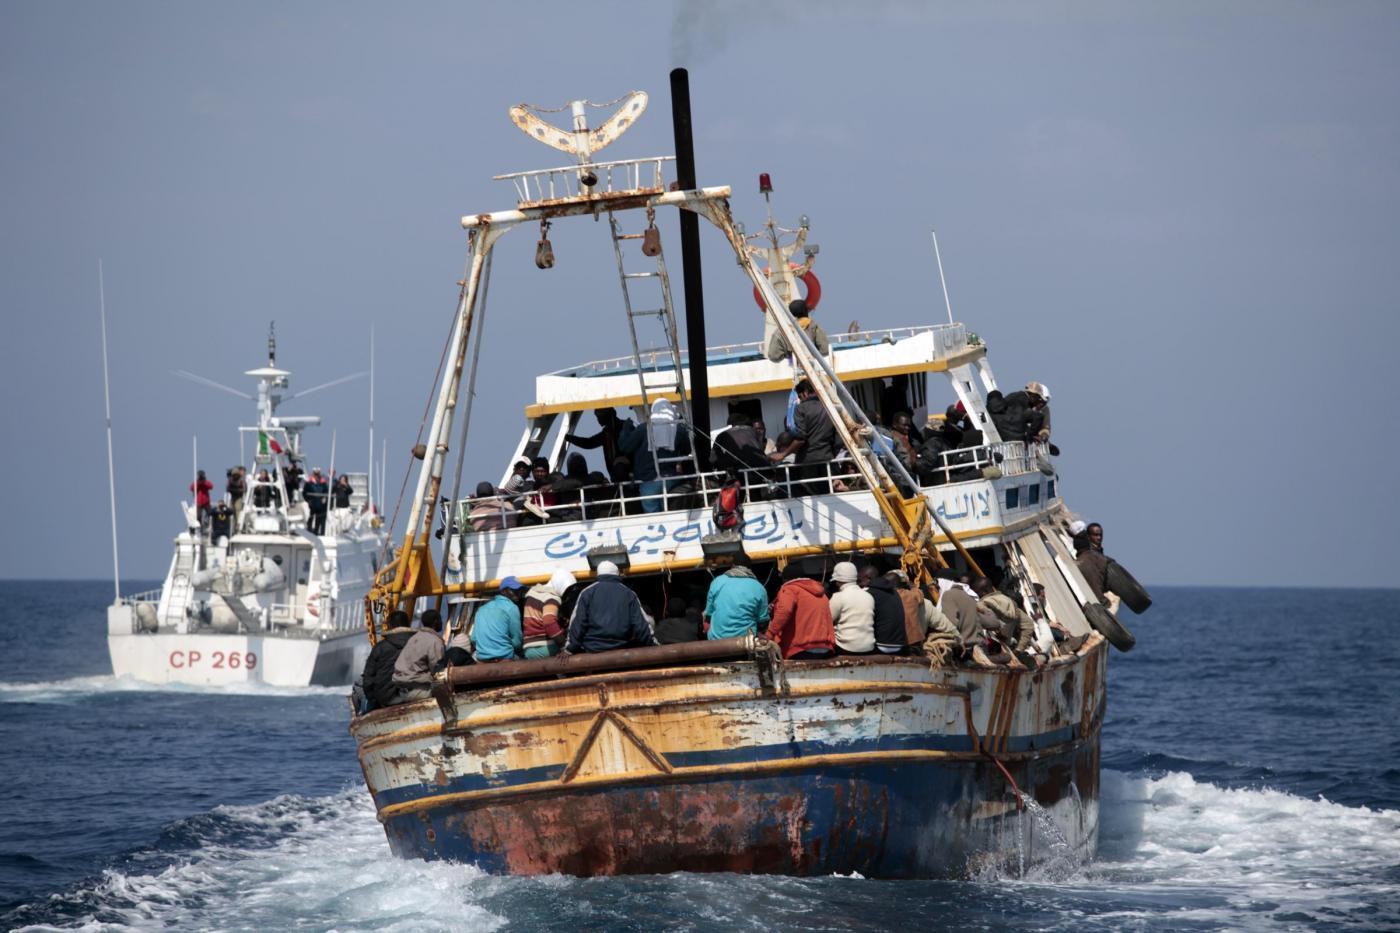 Lampedusa, la tragedia si ripete: si rovescia barcone con 250 clandestini, 34 morti